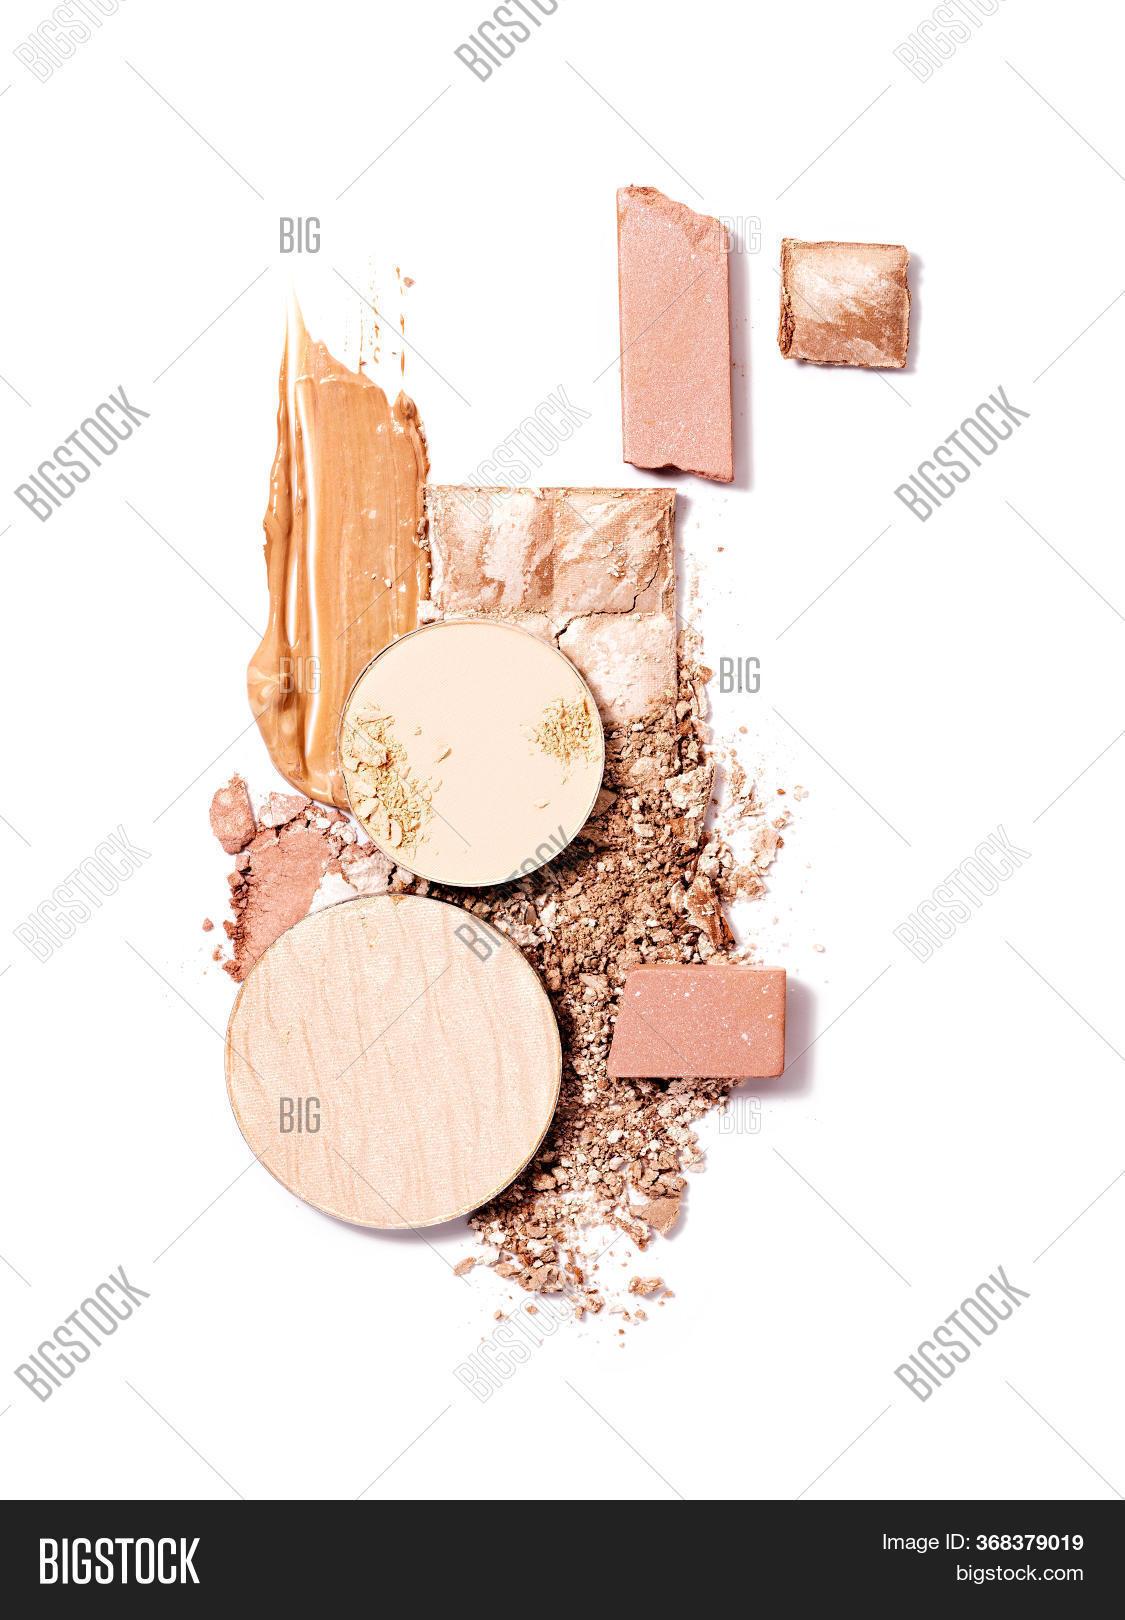 Skin Correction Image Photo Free